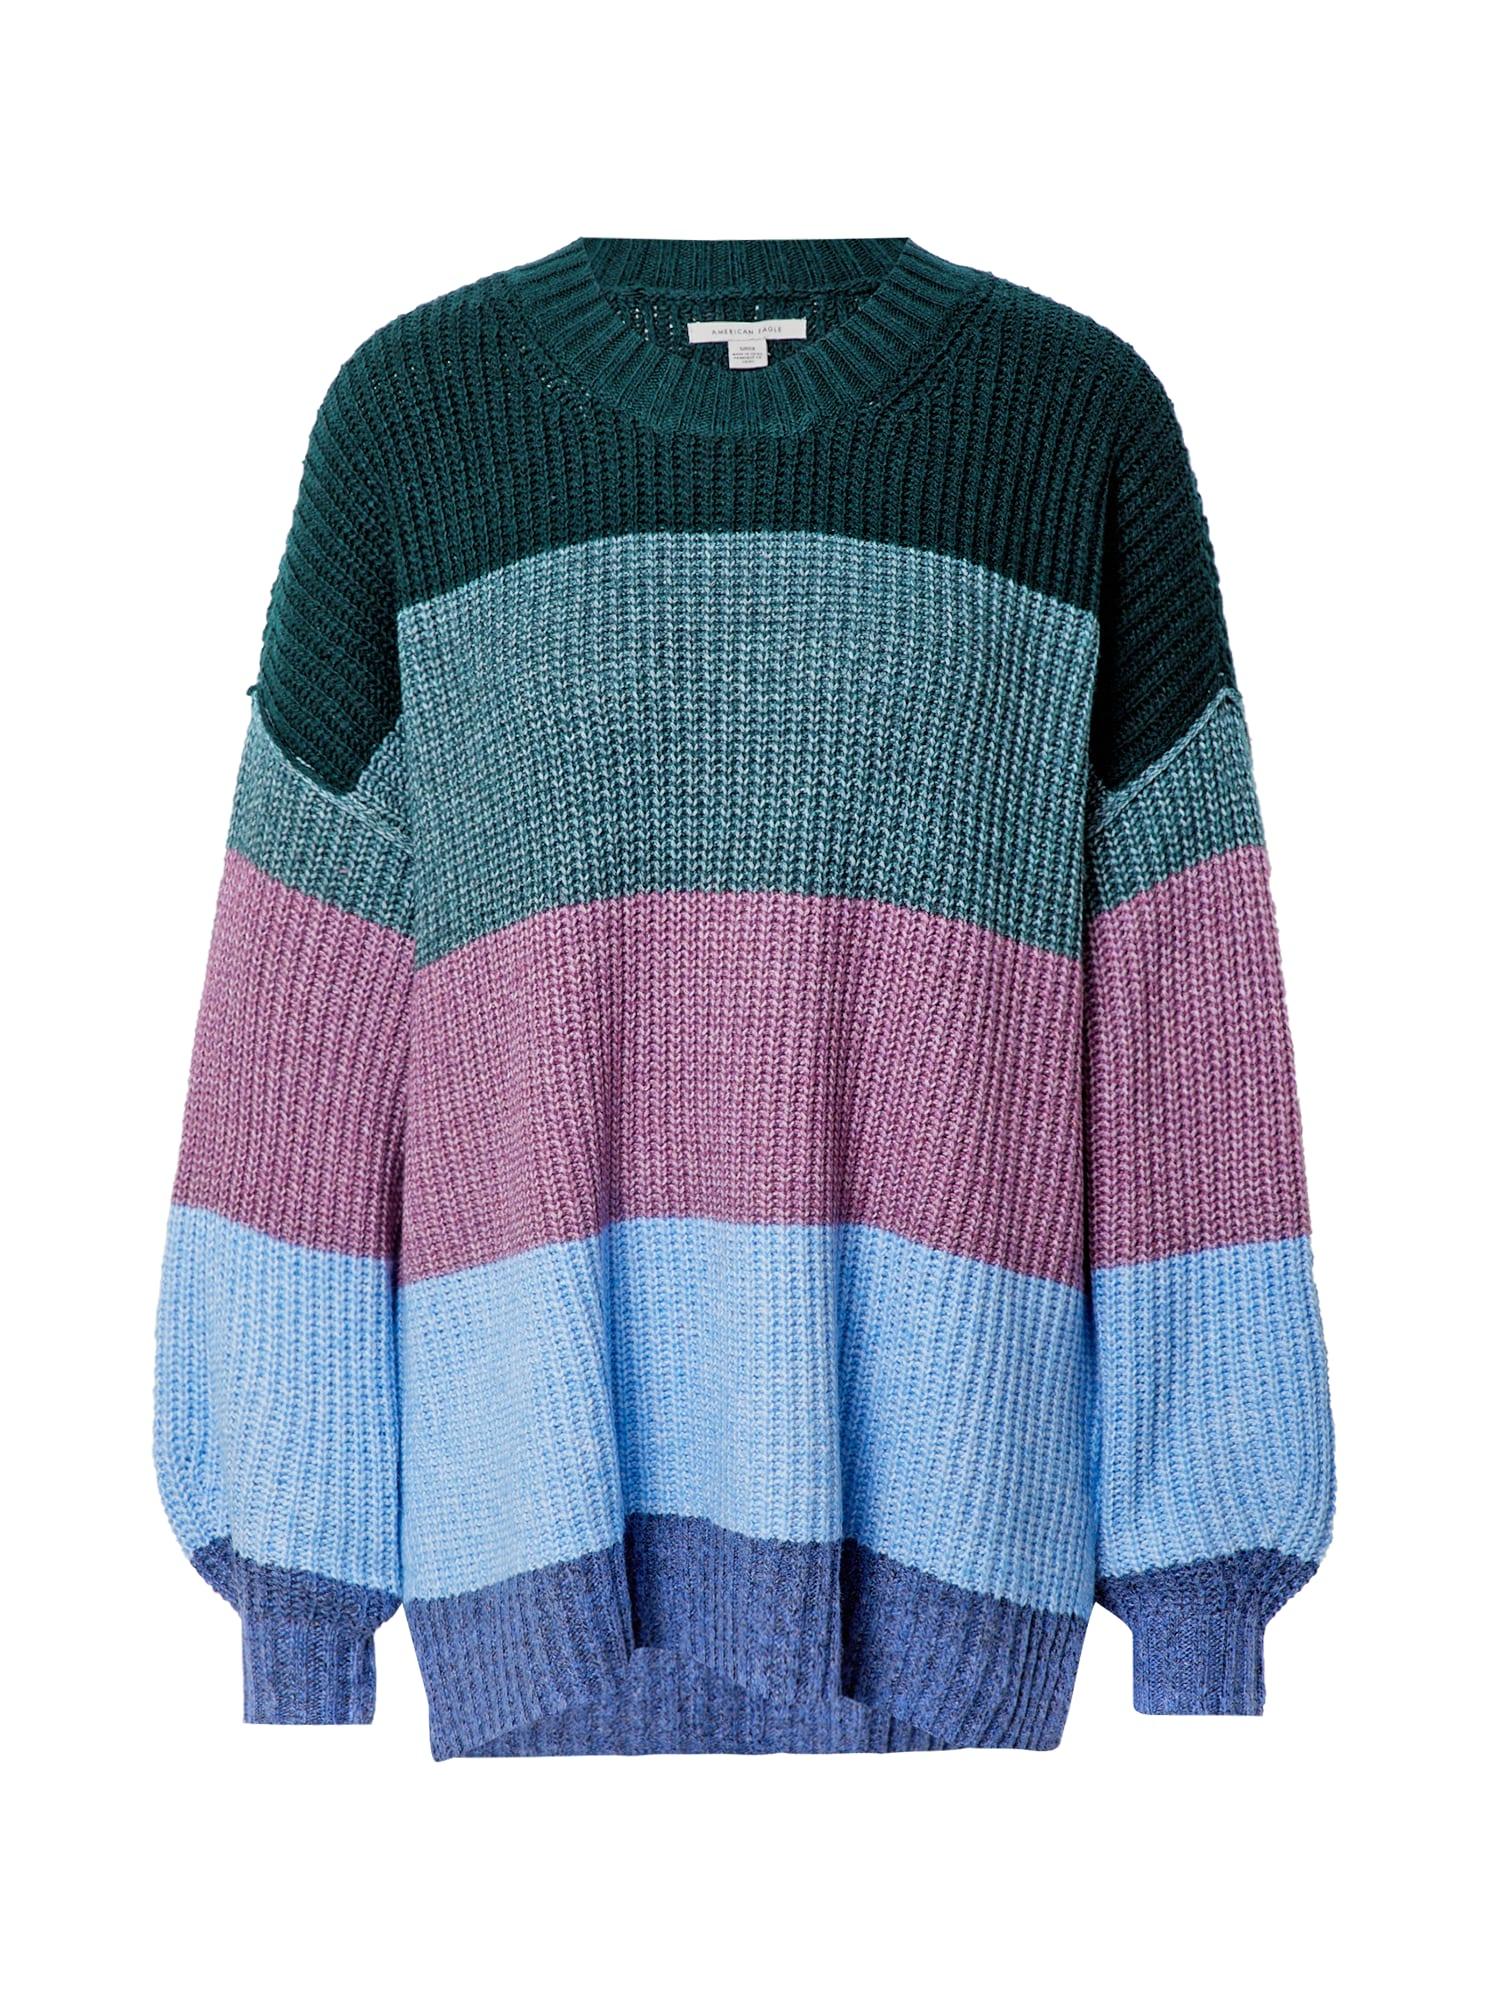 American Eagle Laisvas megztinis įdegio spalva / tamsiai rožinė / tamsiai mėlyna / šviesiai mėlyna / žalia